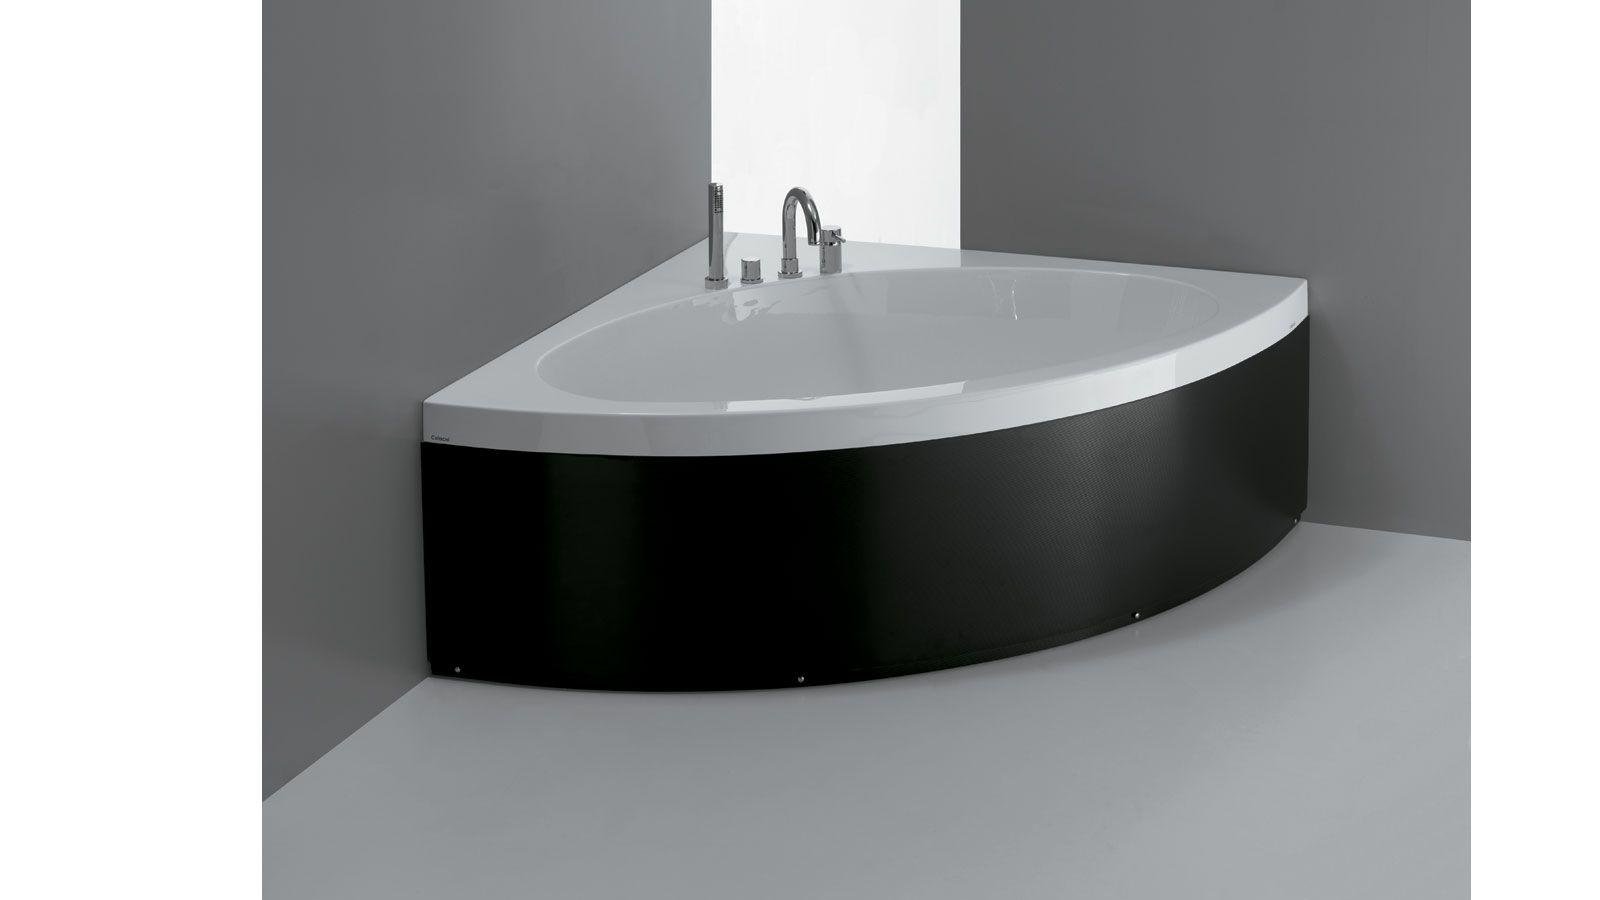 Cabina Multifunzione Vasca : Cabina e vasca idromassaggio cm con sauna bagno turco